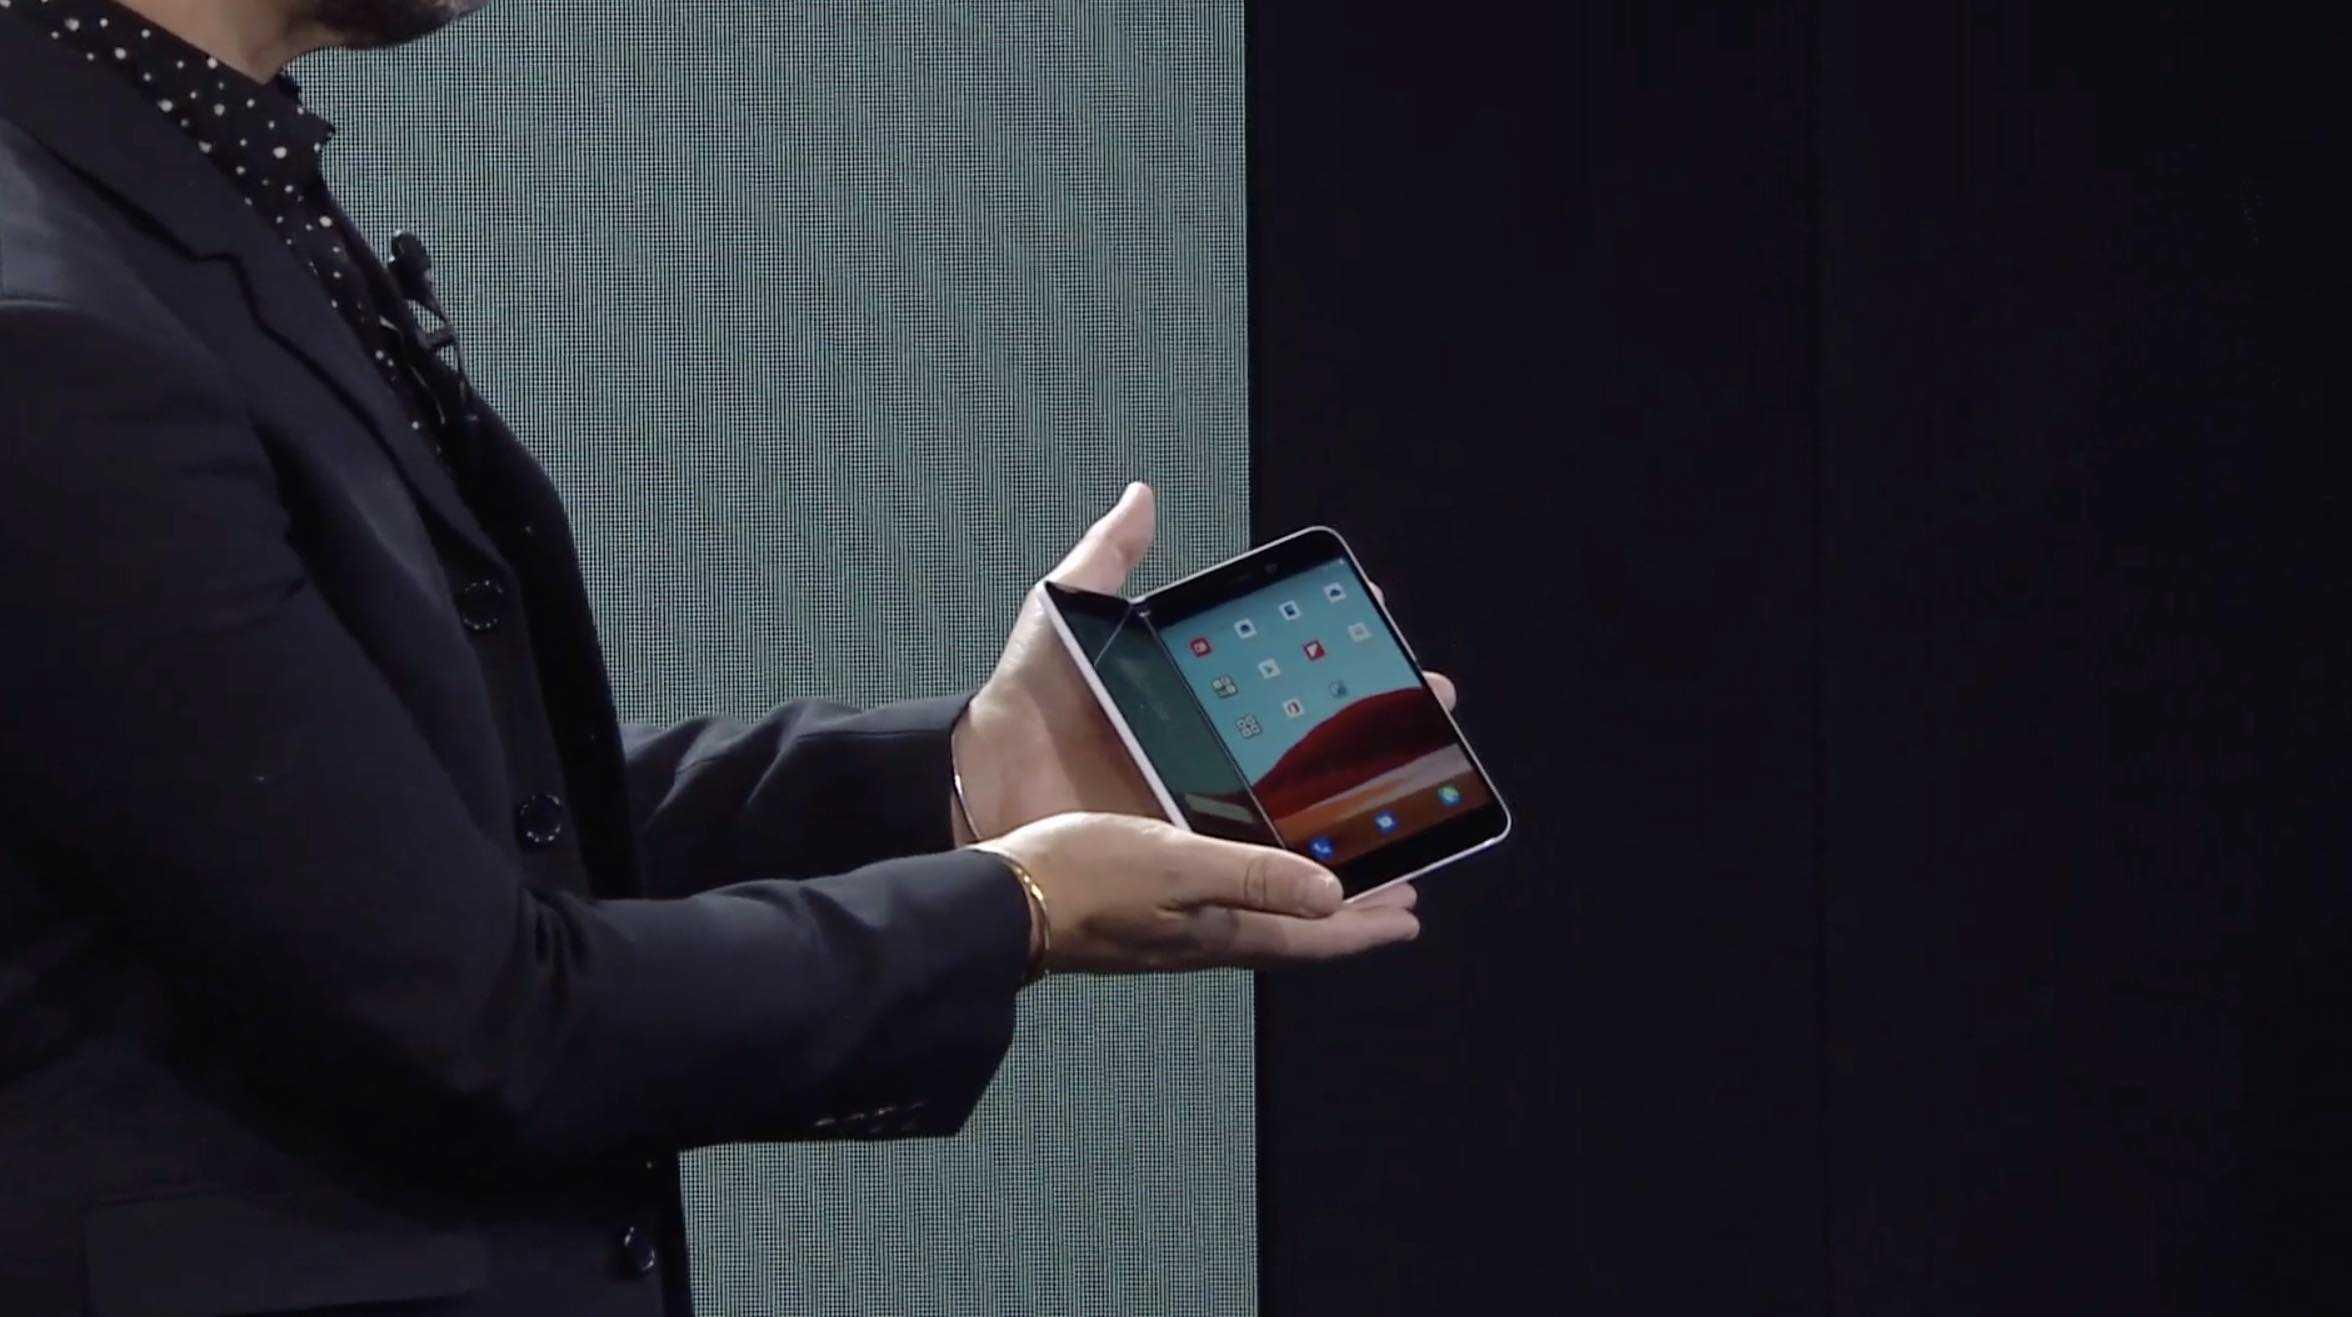 Microsoft, это не твое! зачем компания выпустила складной смартфон